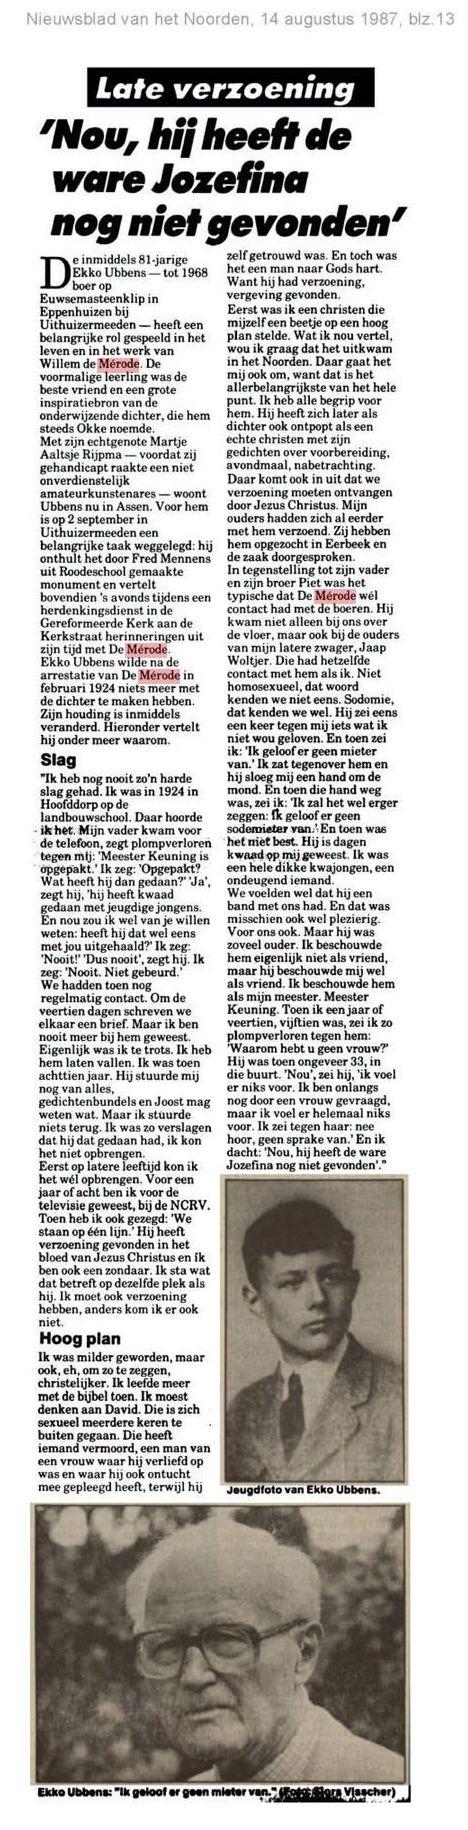 Nieuwsblad van het Noorden - 14 augustus 1987